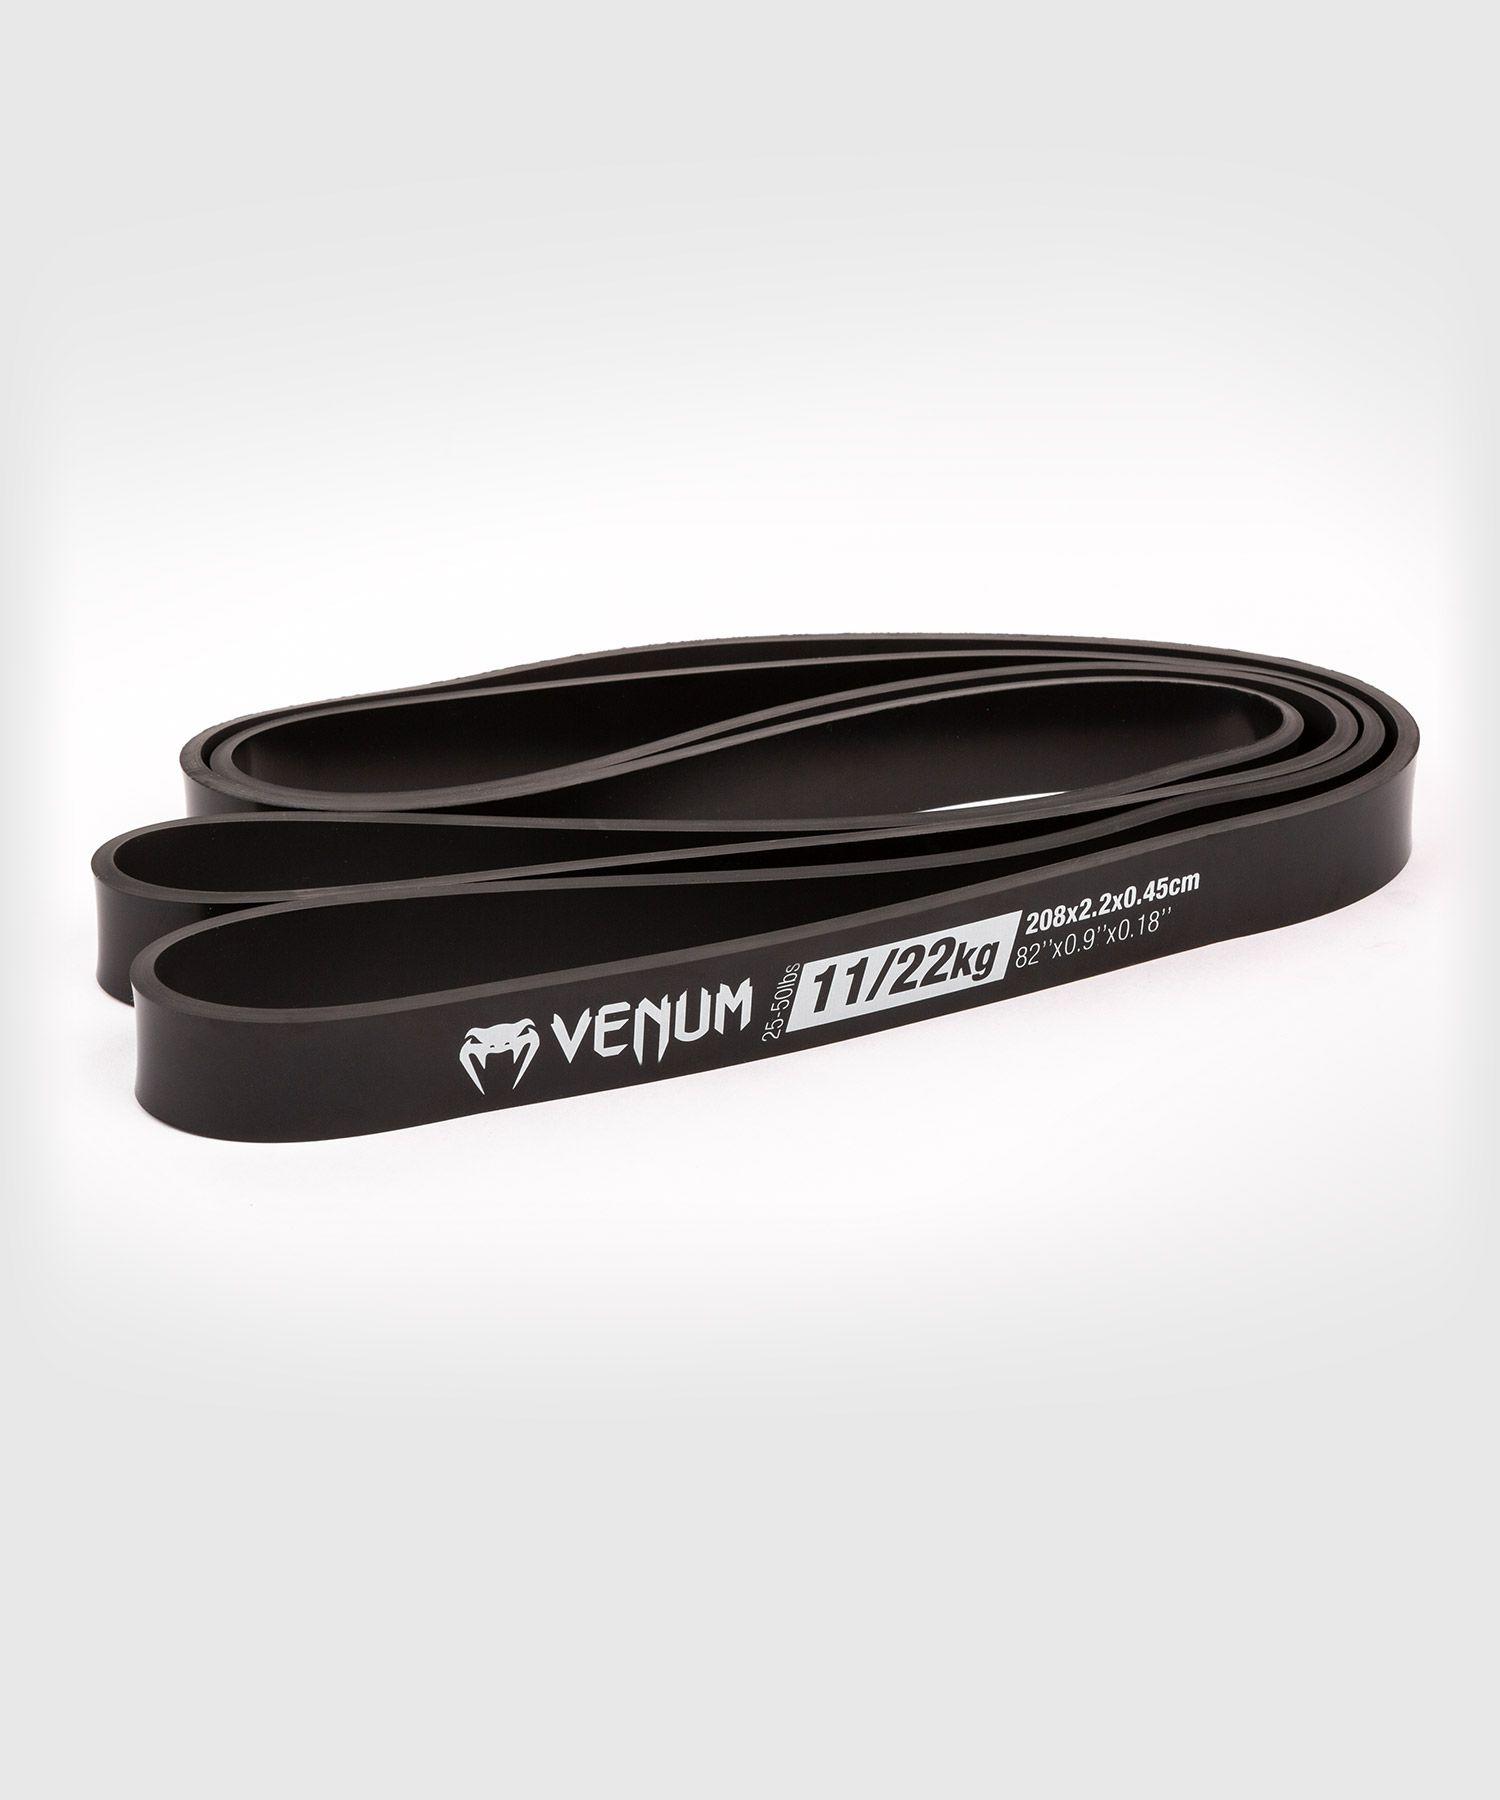 Bande di resistenza Venum Challenger - Nero - 11-22Kg